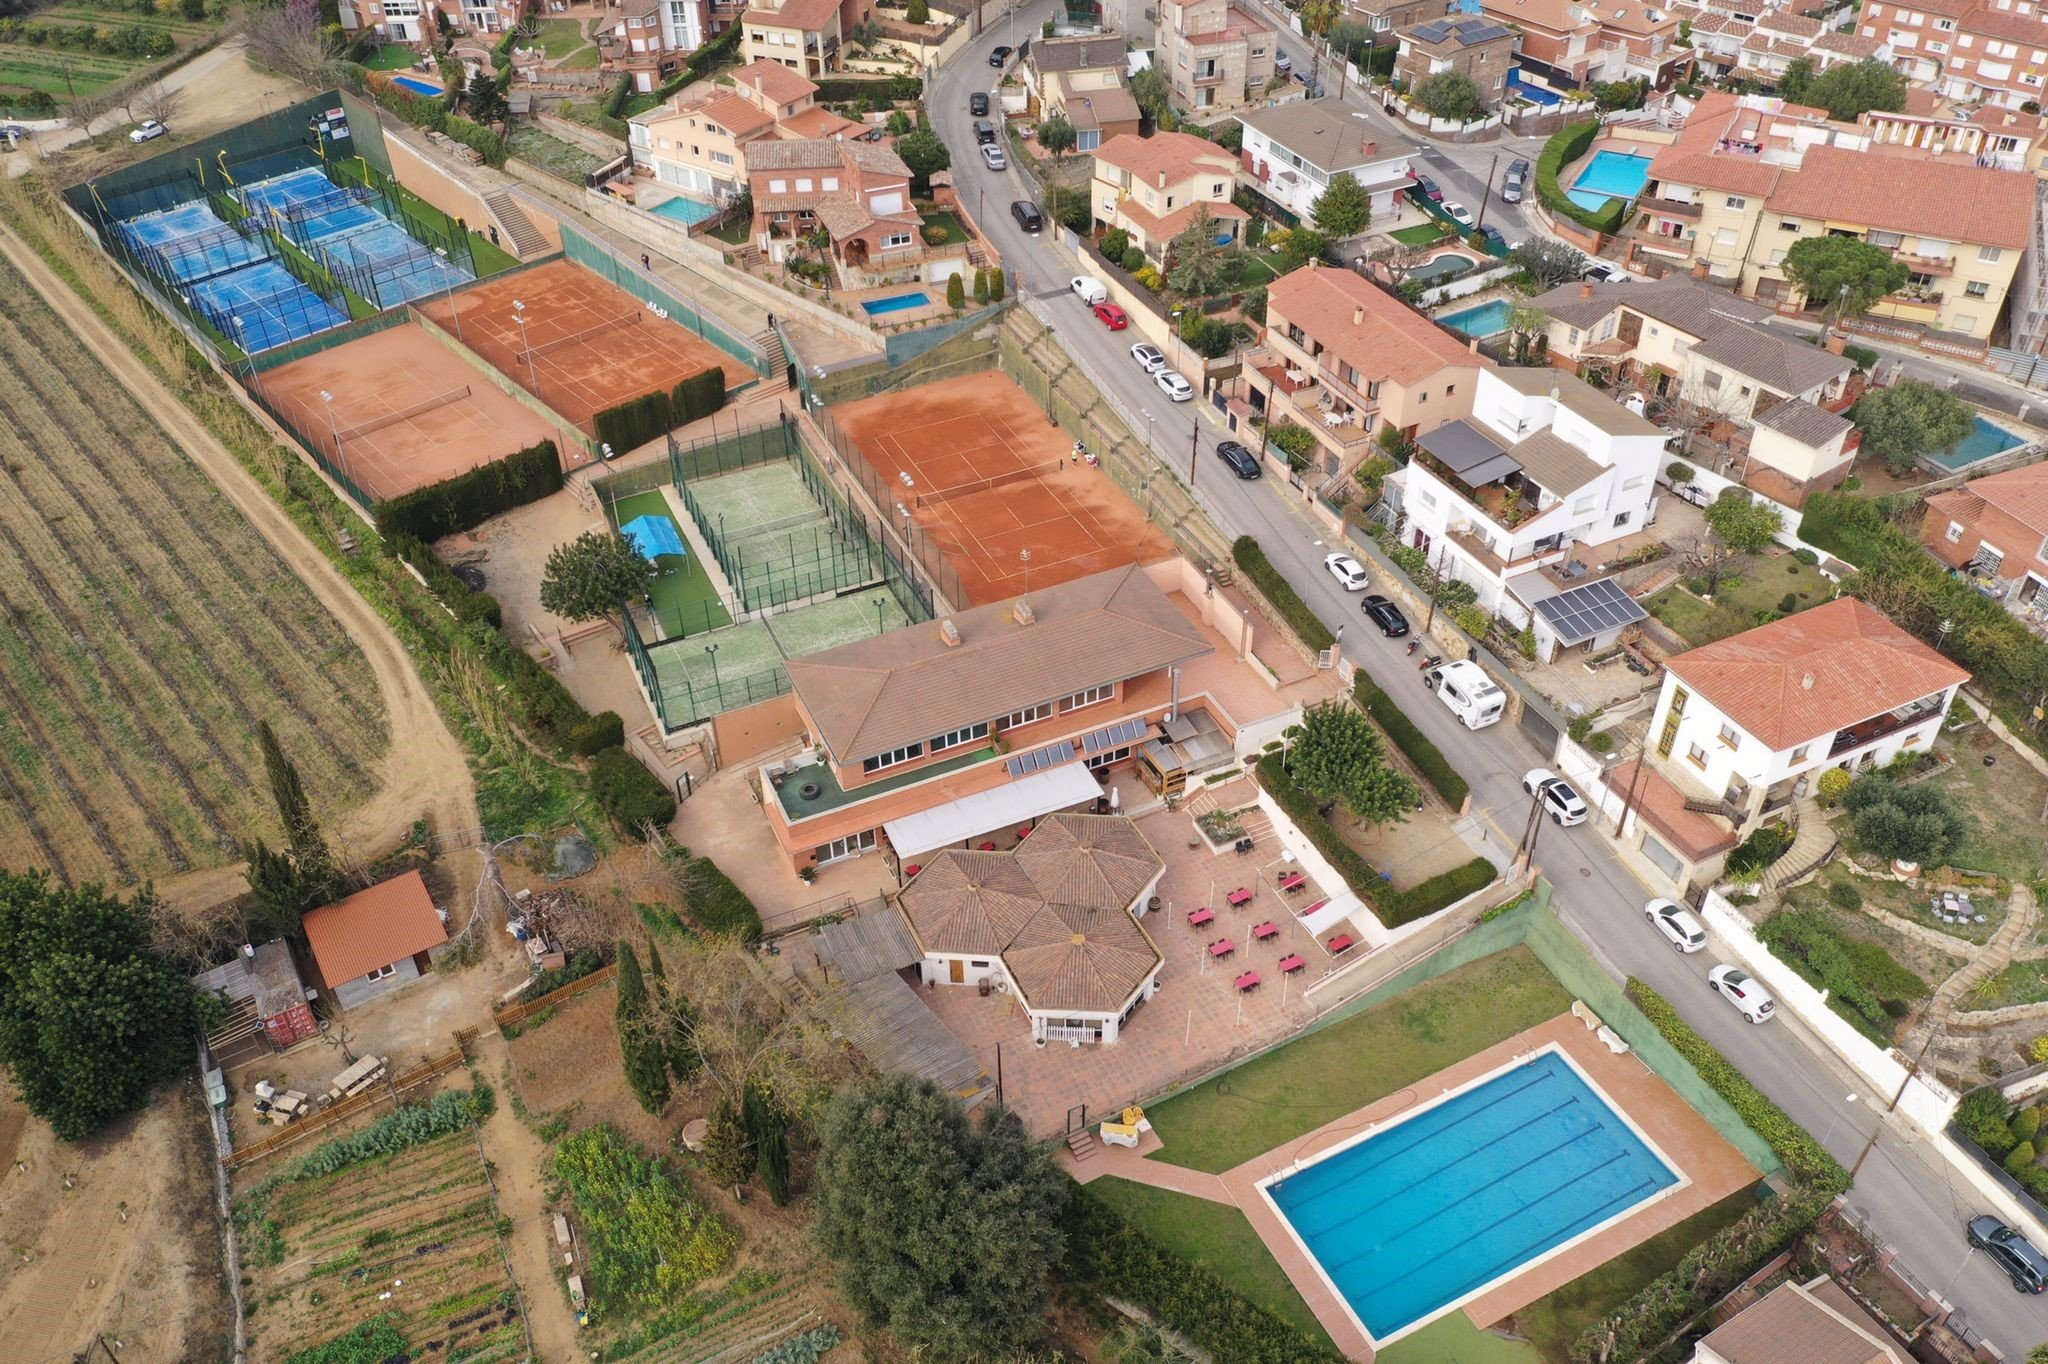 Club Tennis Sistres Alella